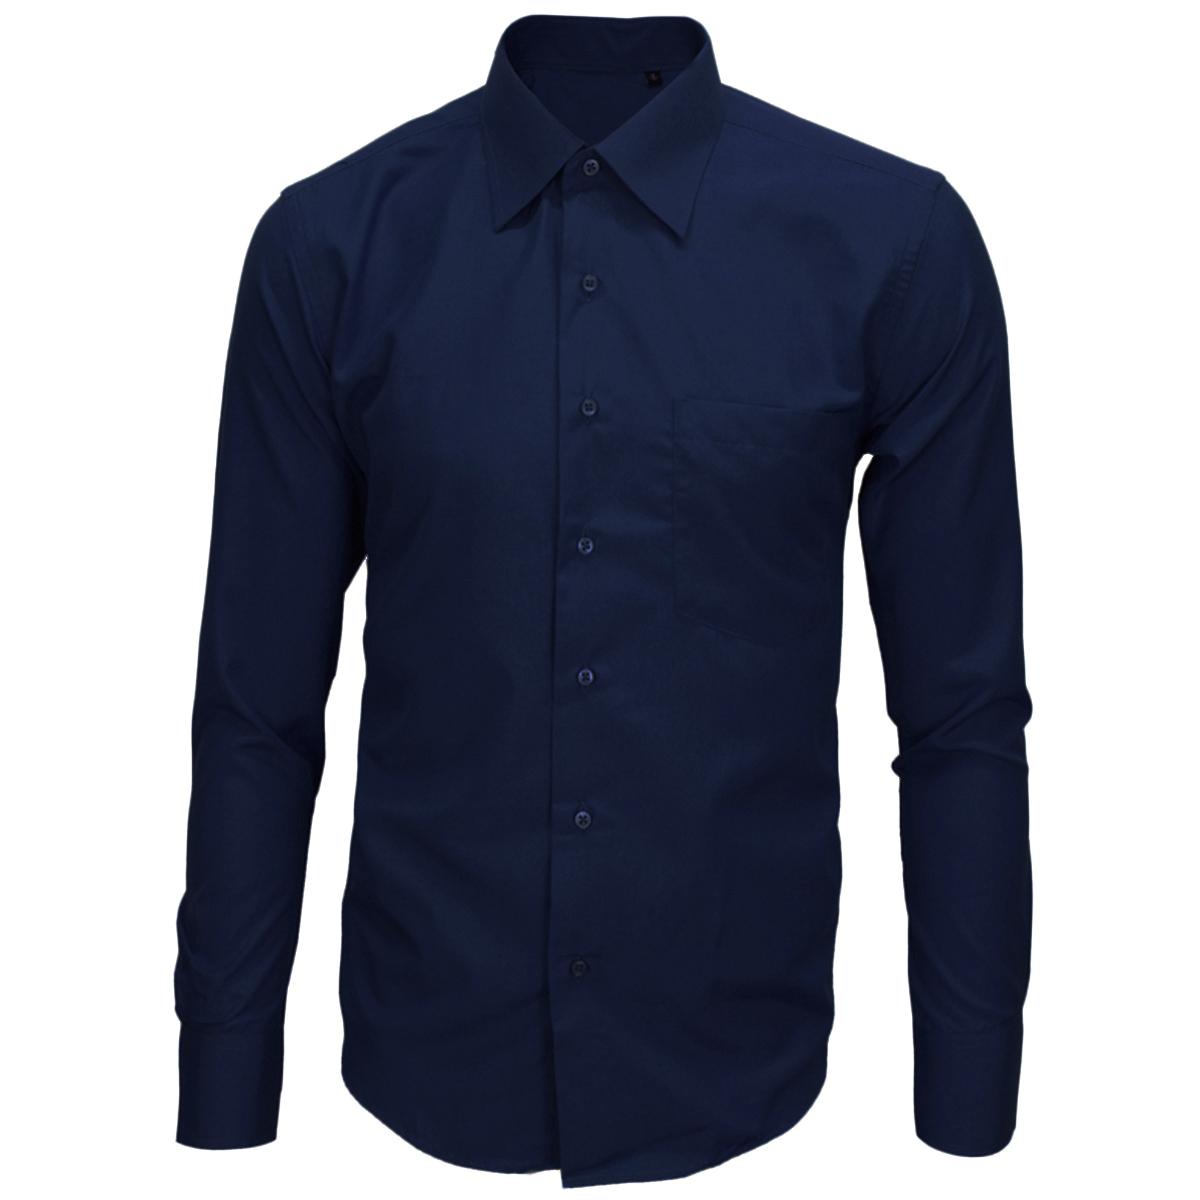 Camicia-Uomo-Classica-Tinta-Unita-Colletto-Taschino-Vari-Colori-GIOSAL miniatura 9